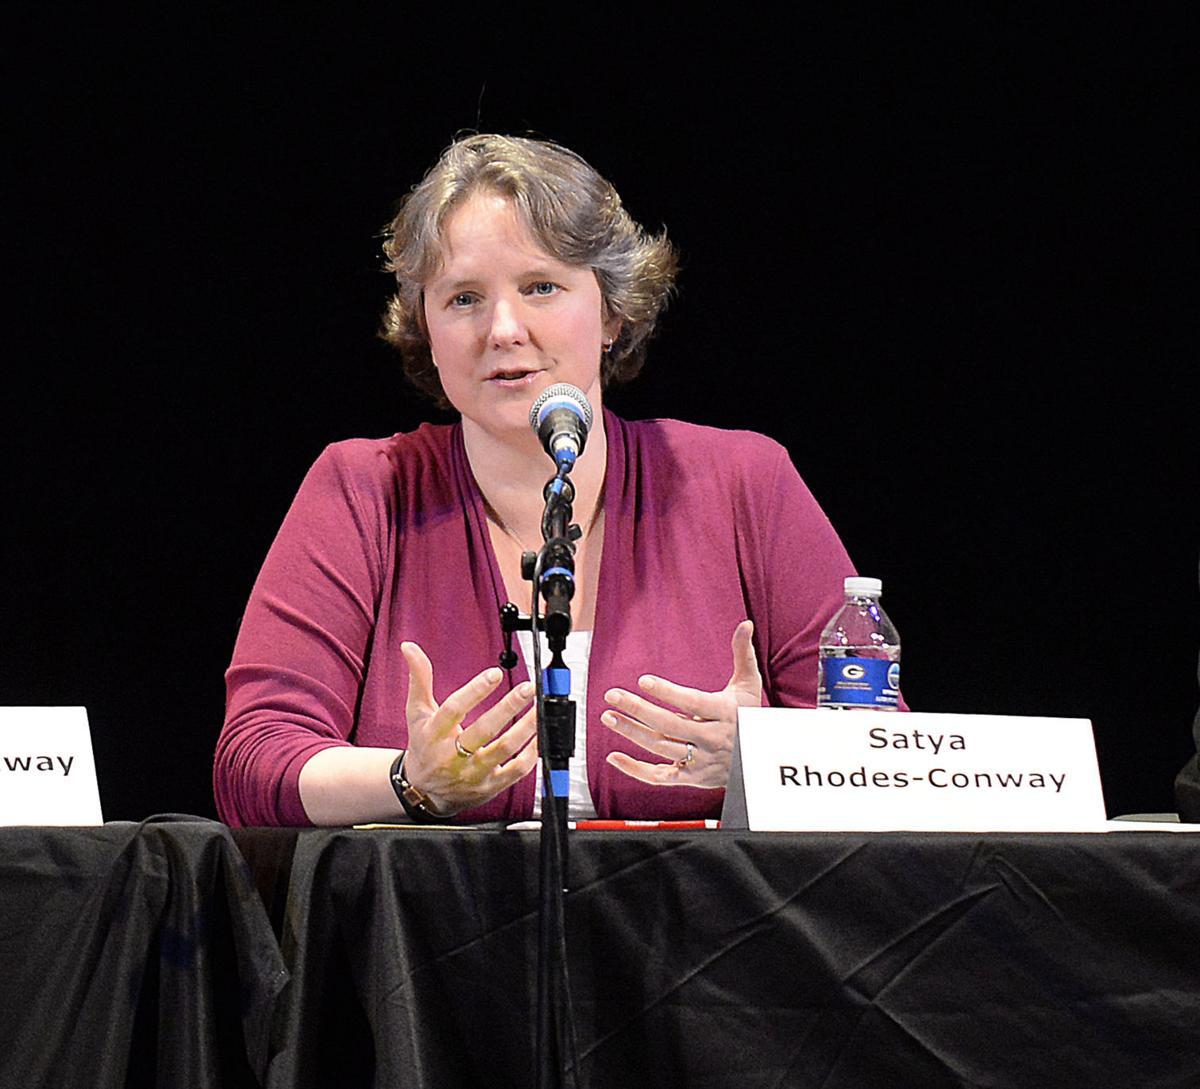 Satya Rhodes-Conway at debate